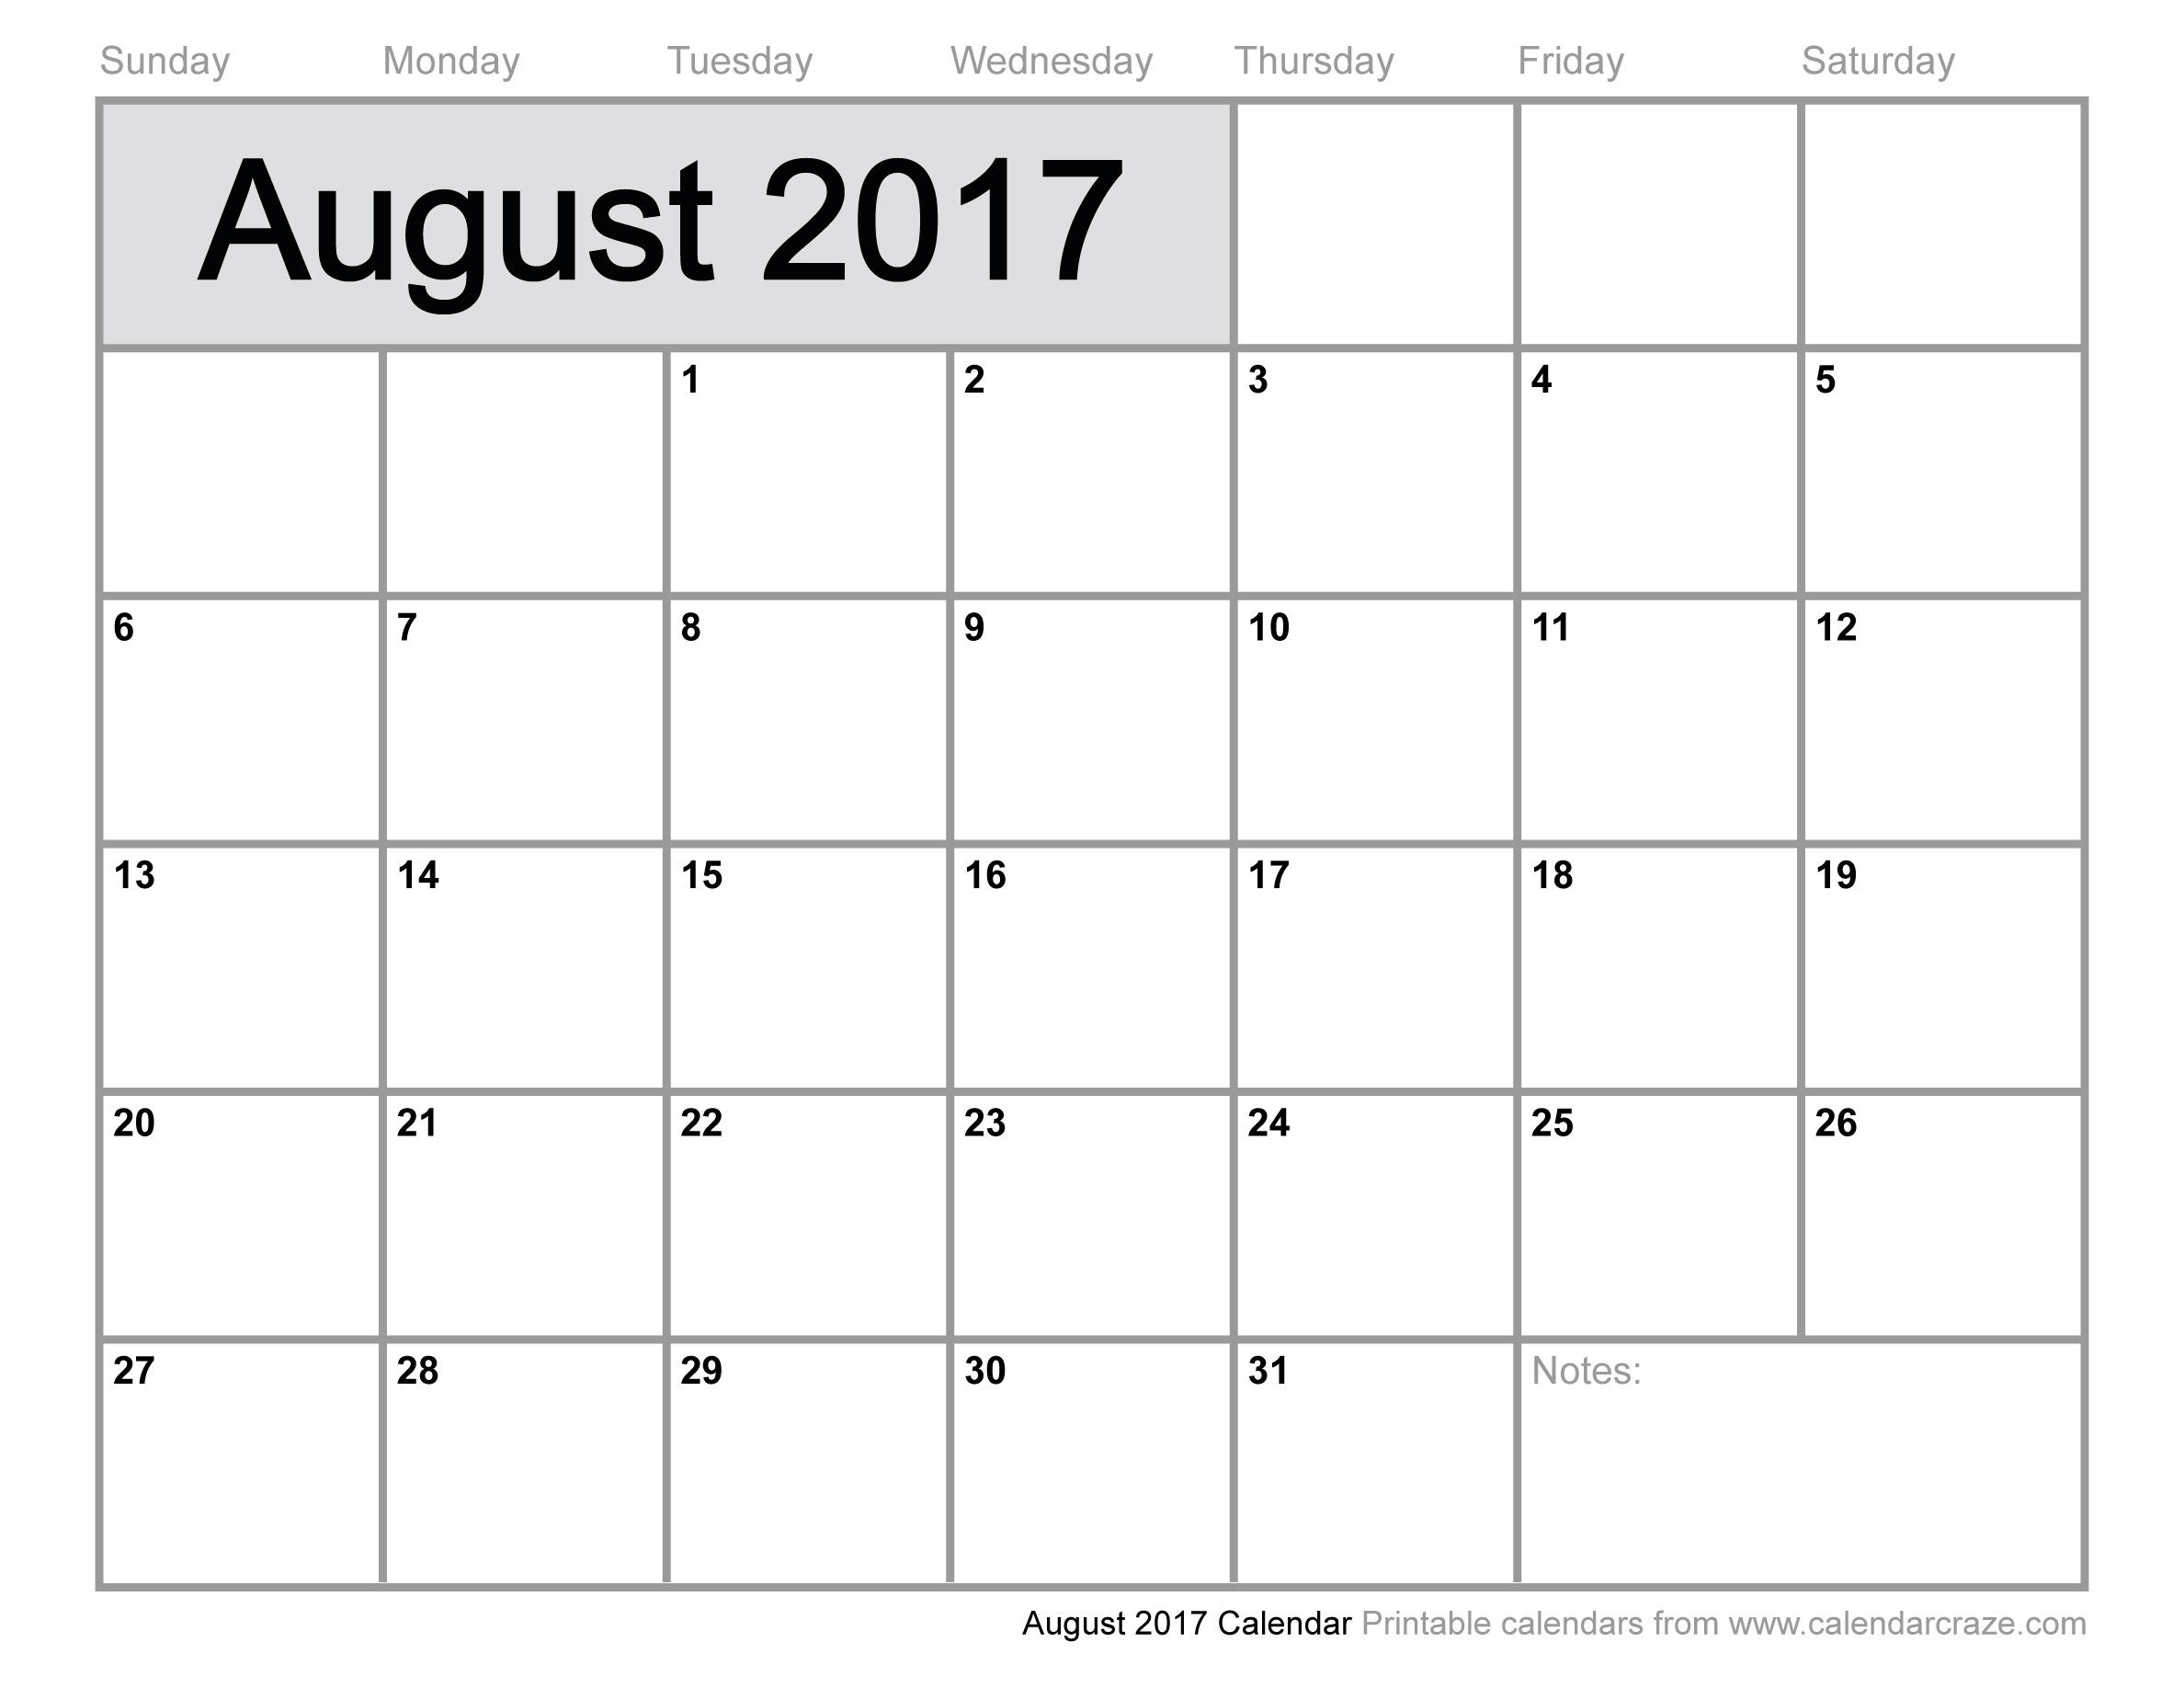 August 2017 Calendar | 2017 calendar with holidays